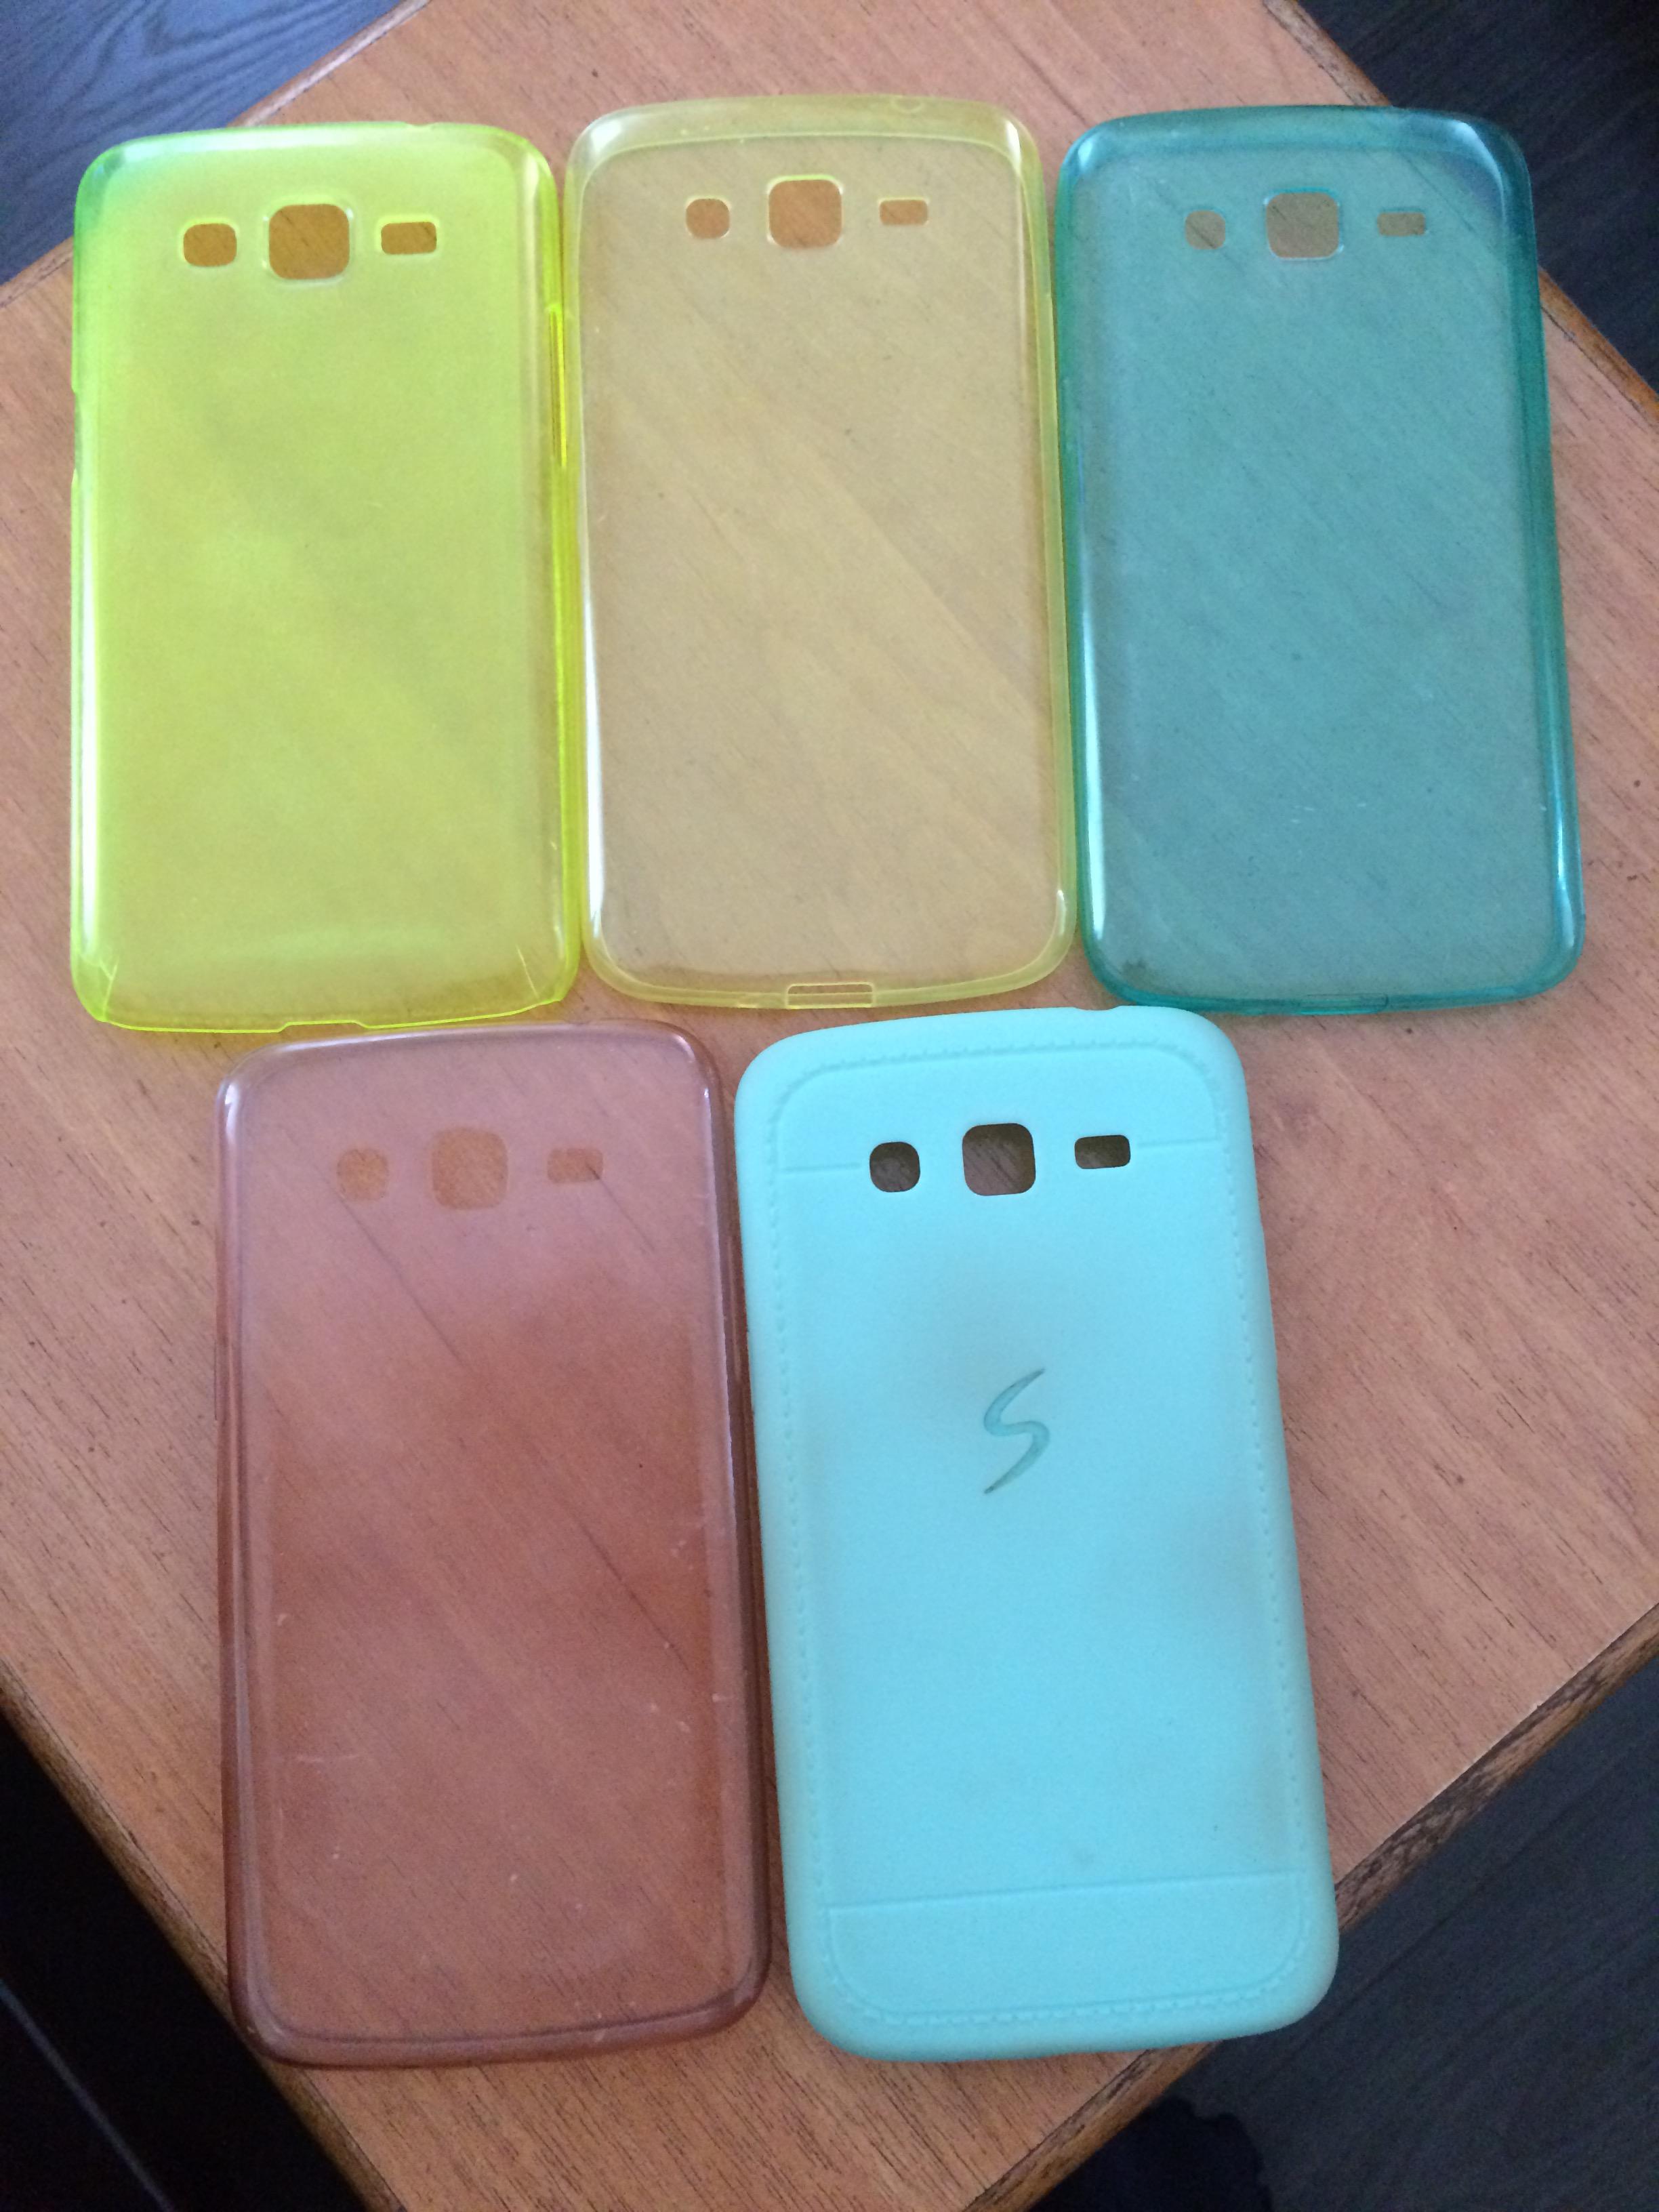 продам чехол на Iphone 4/4s и 5/5s Samsung grand duos 2 Samsung note 2, 7100